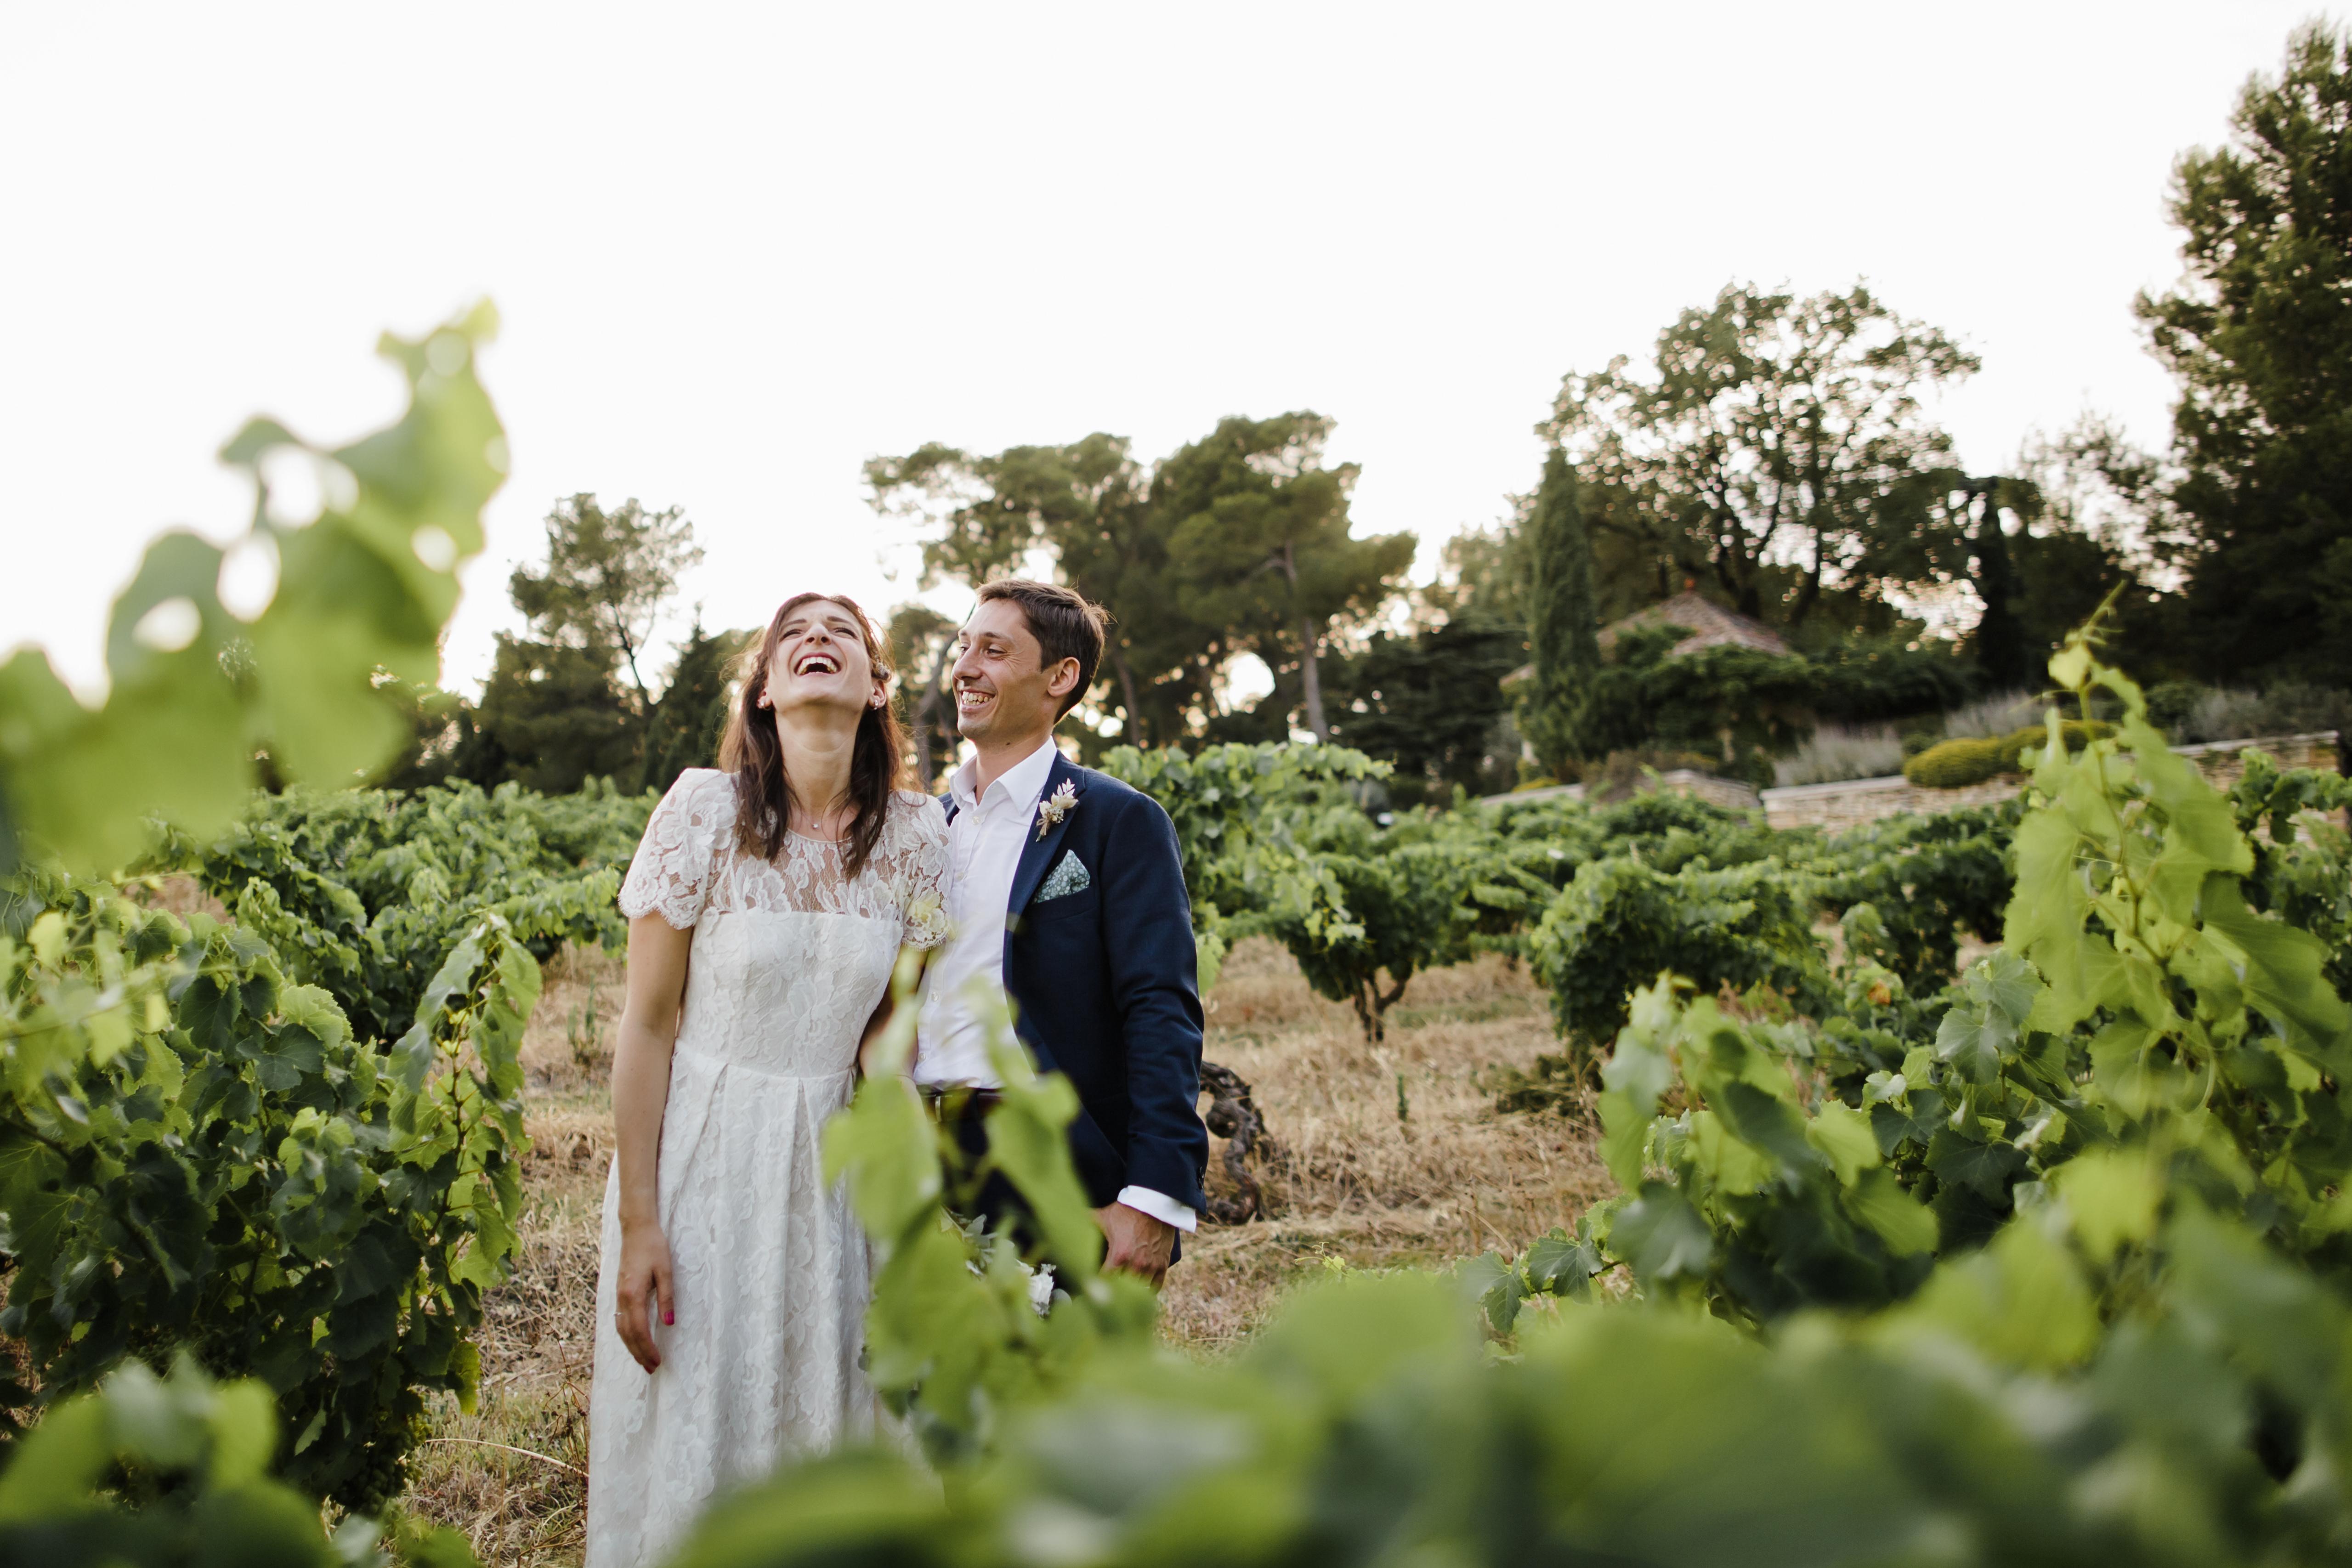 4-ChristelleGilles-MadameCoquelicot-Wedding-planner-01